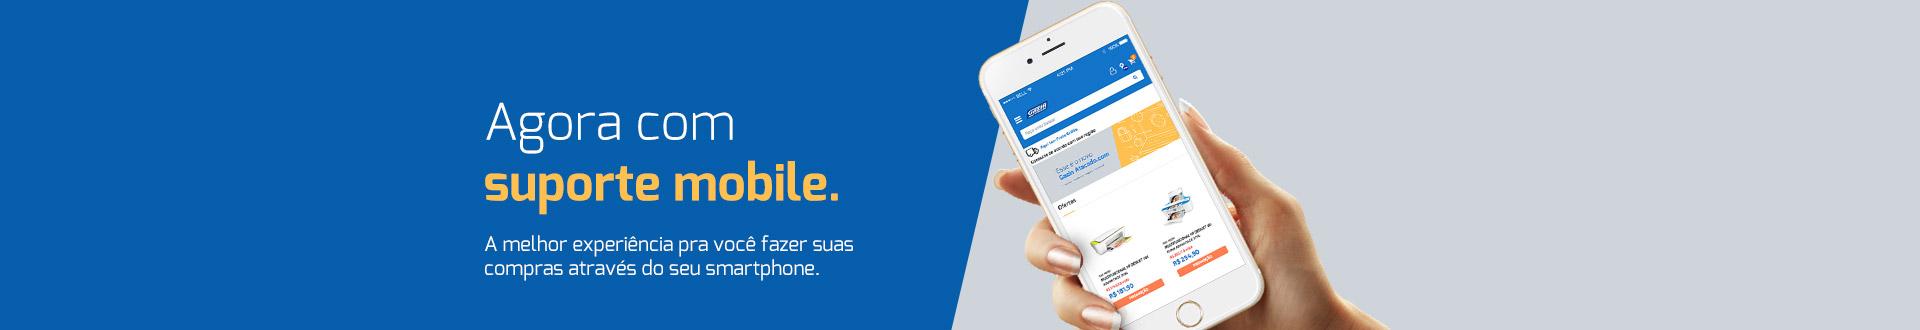 Novo site mobile